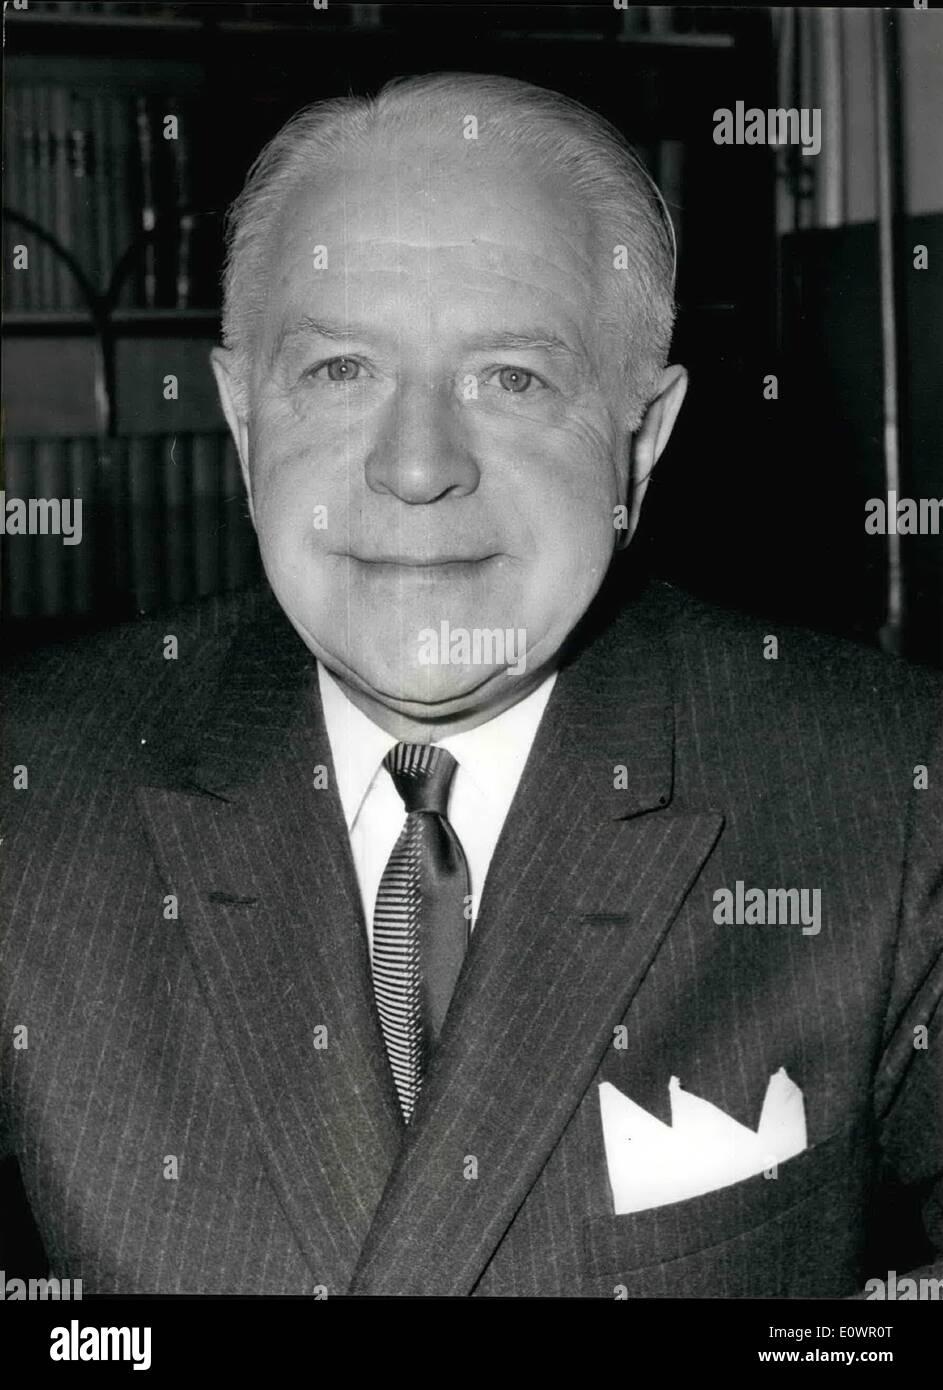 Febbraio 02, 1964 - Nuovo Alto Commissario per il Canada.: gli onorevoli Lionel Chevrier, il nuovo Alto Commissario Foto Stock